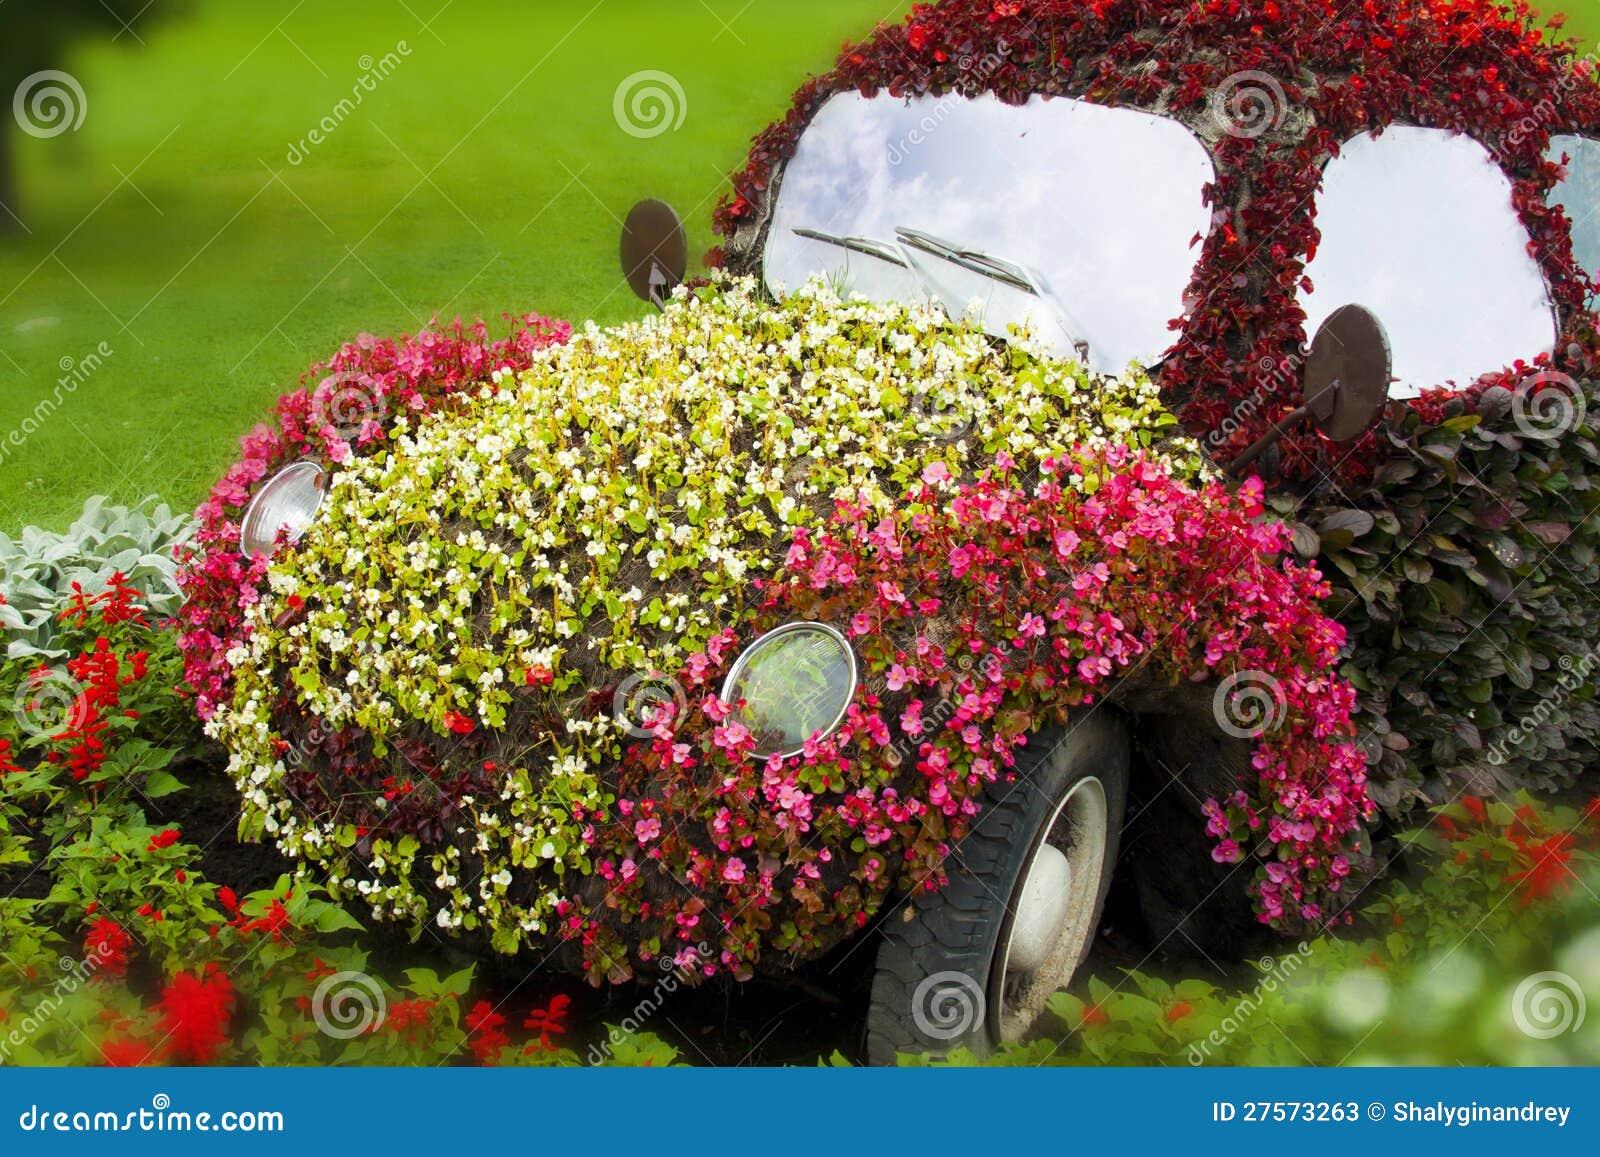 Цветы и автомобиль